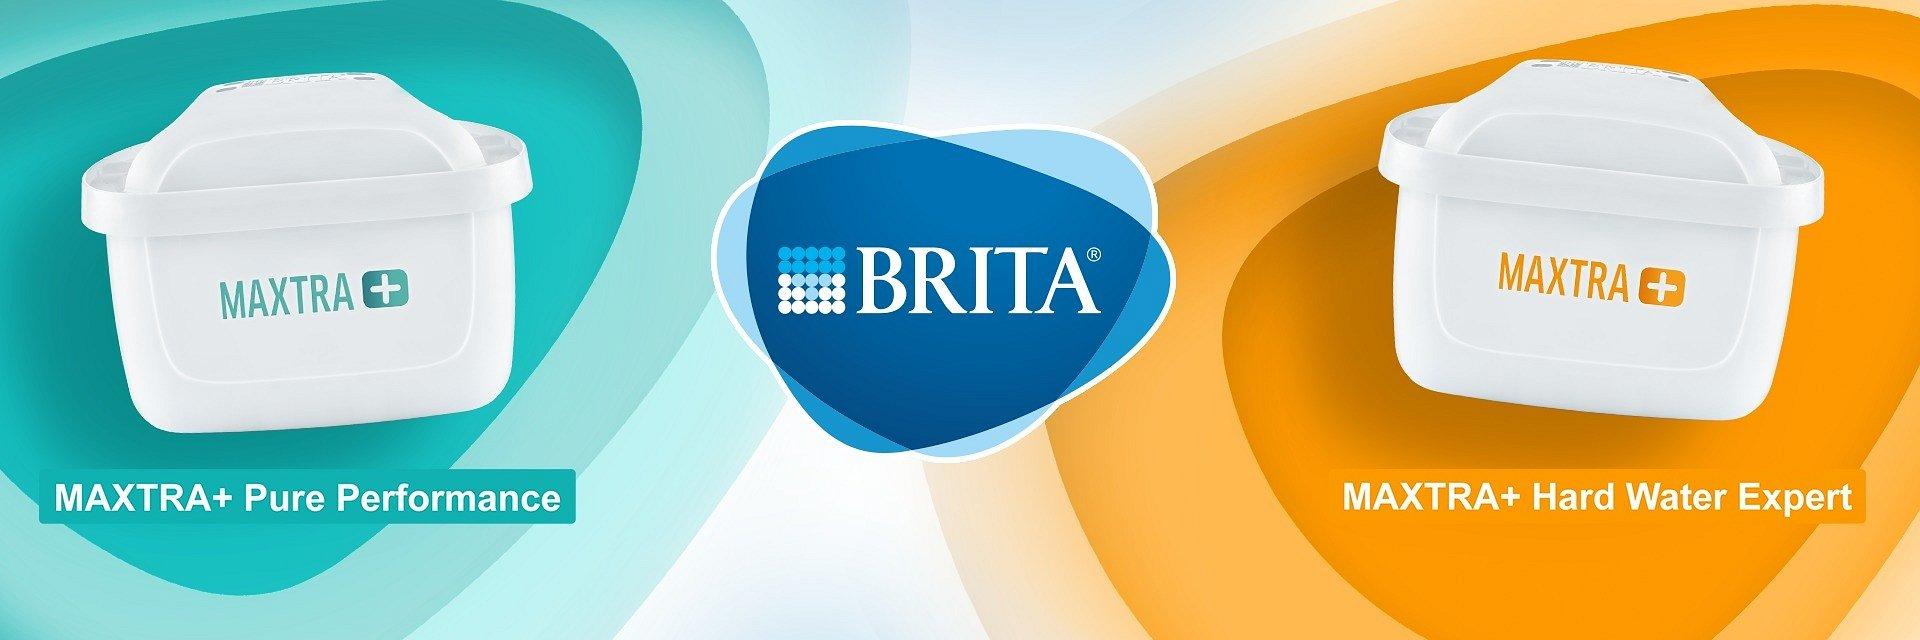 Hand Made wspiera wprowadzenie nowych produktów marki BRITA